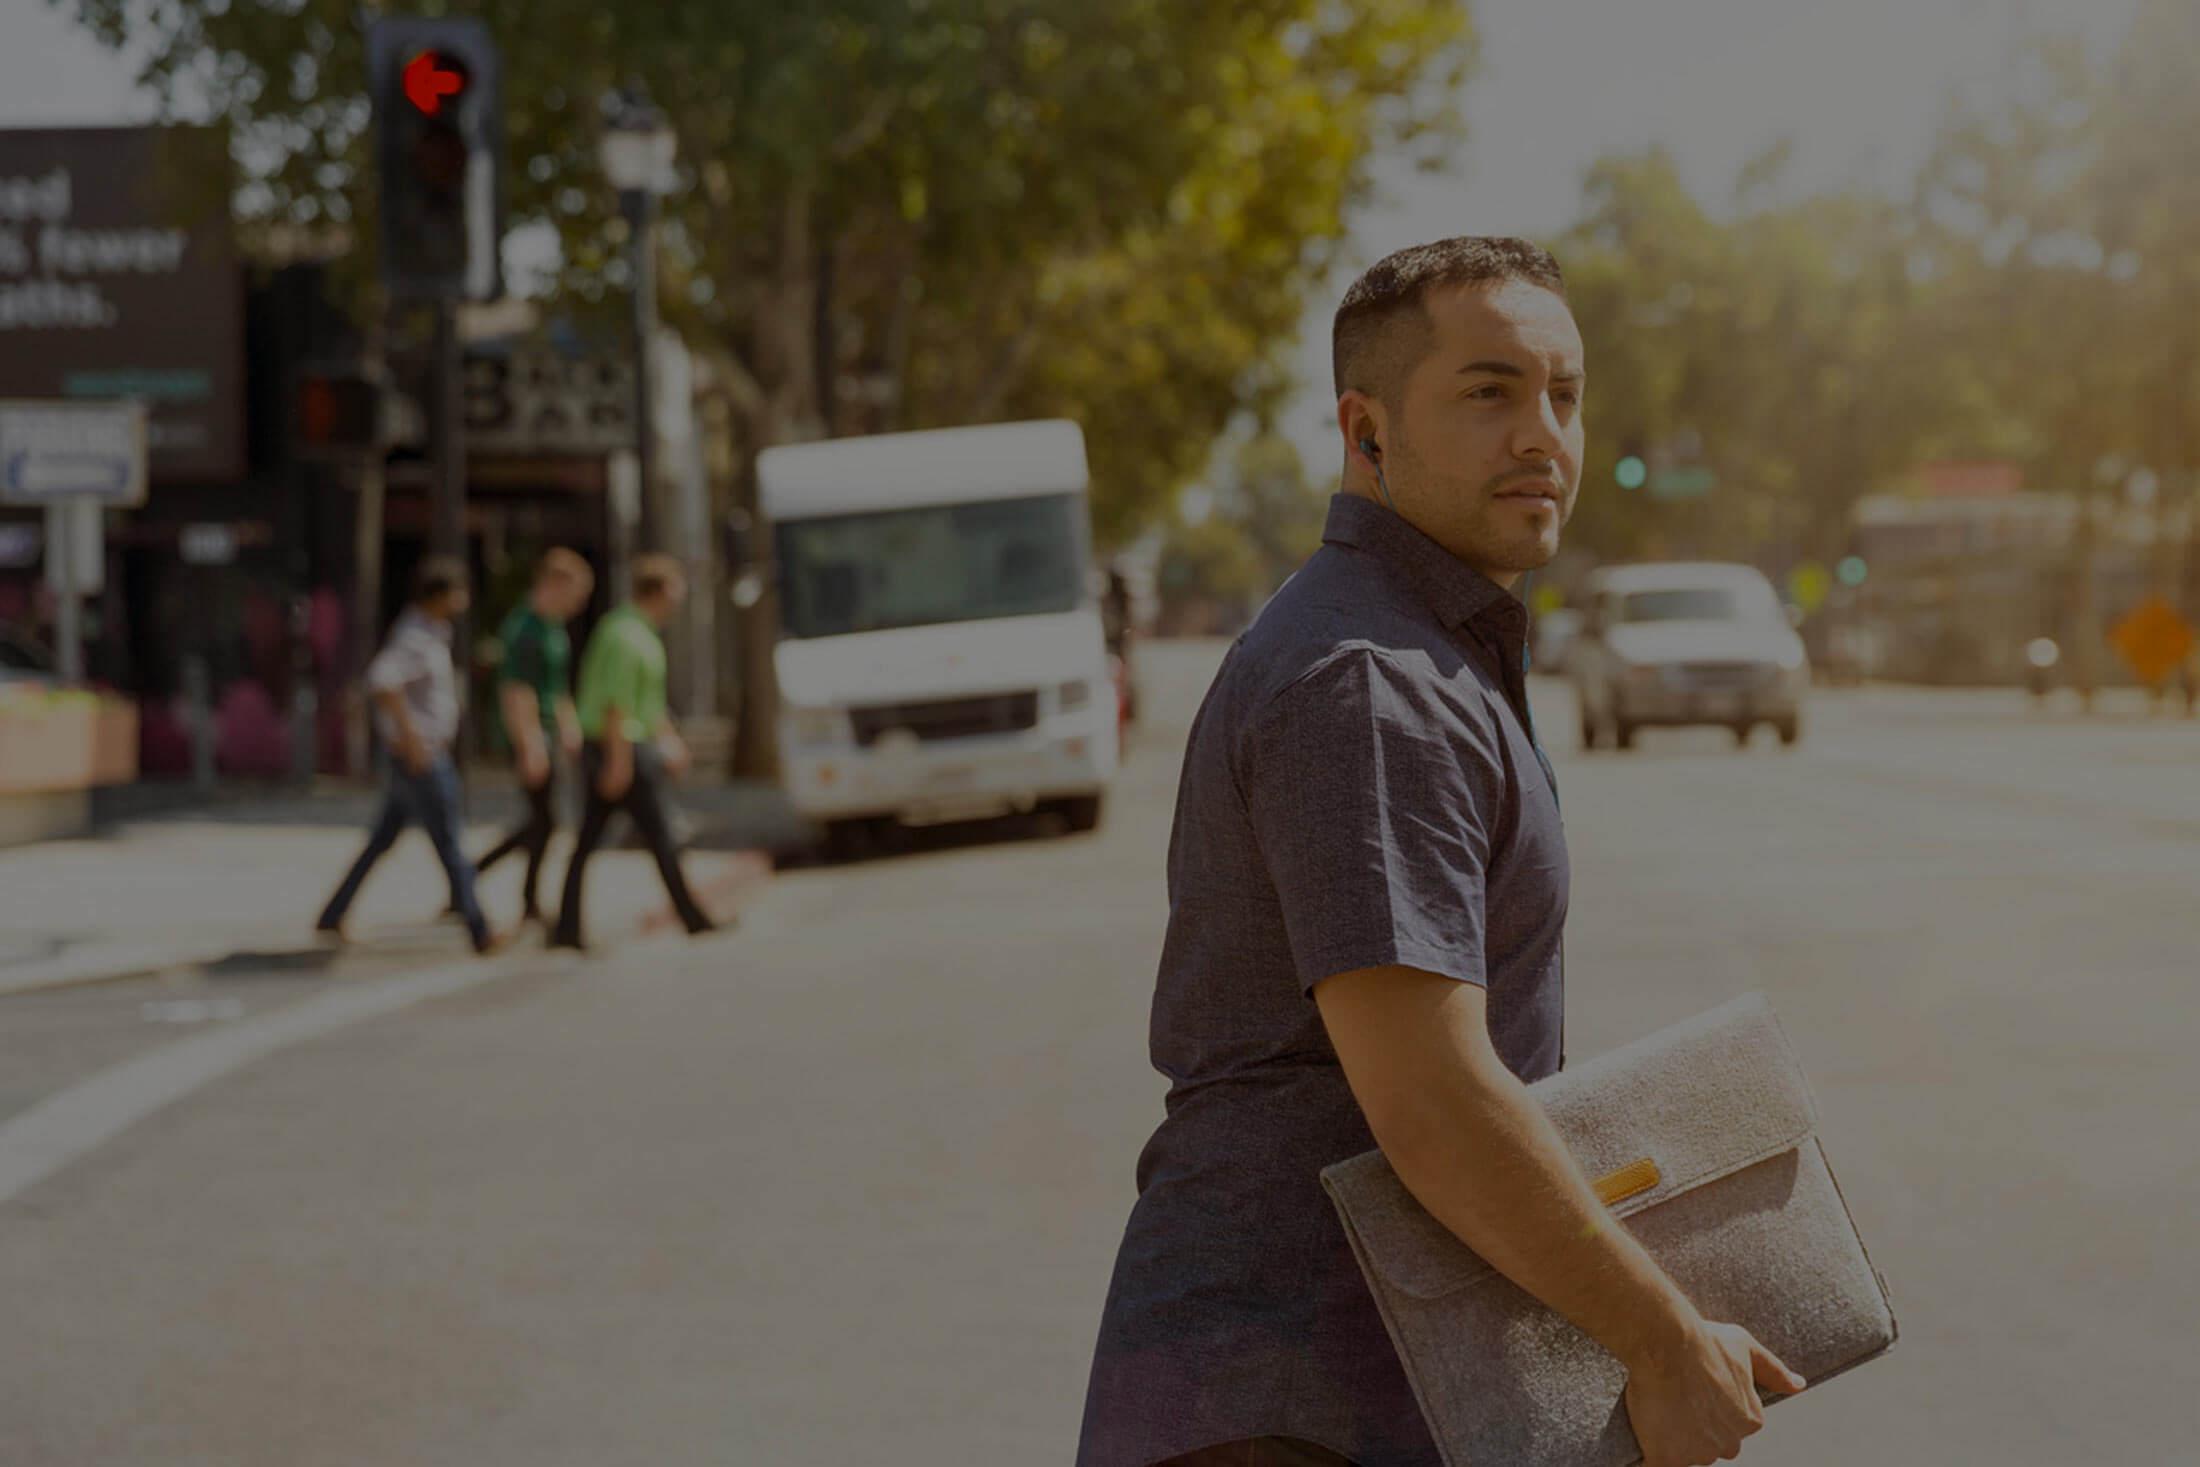 Pole emploi - offre emploi Cuisinier en collectivité (H/F) - Poitiers